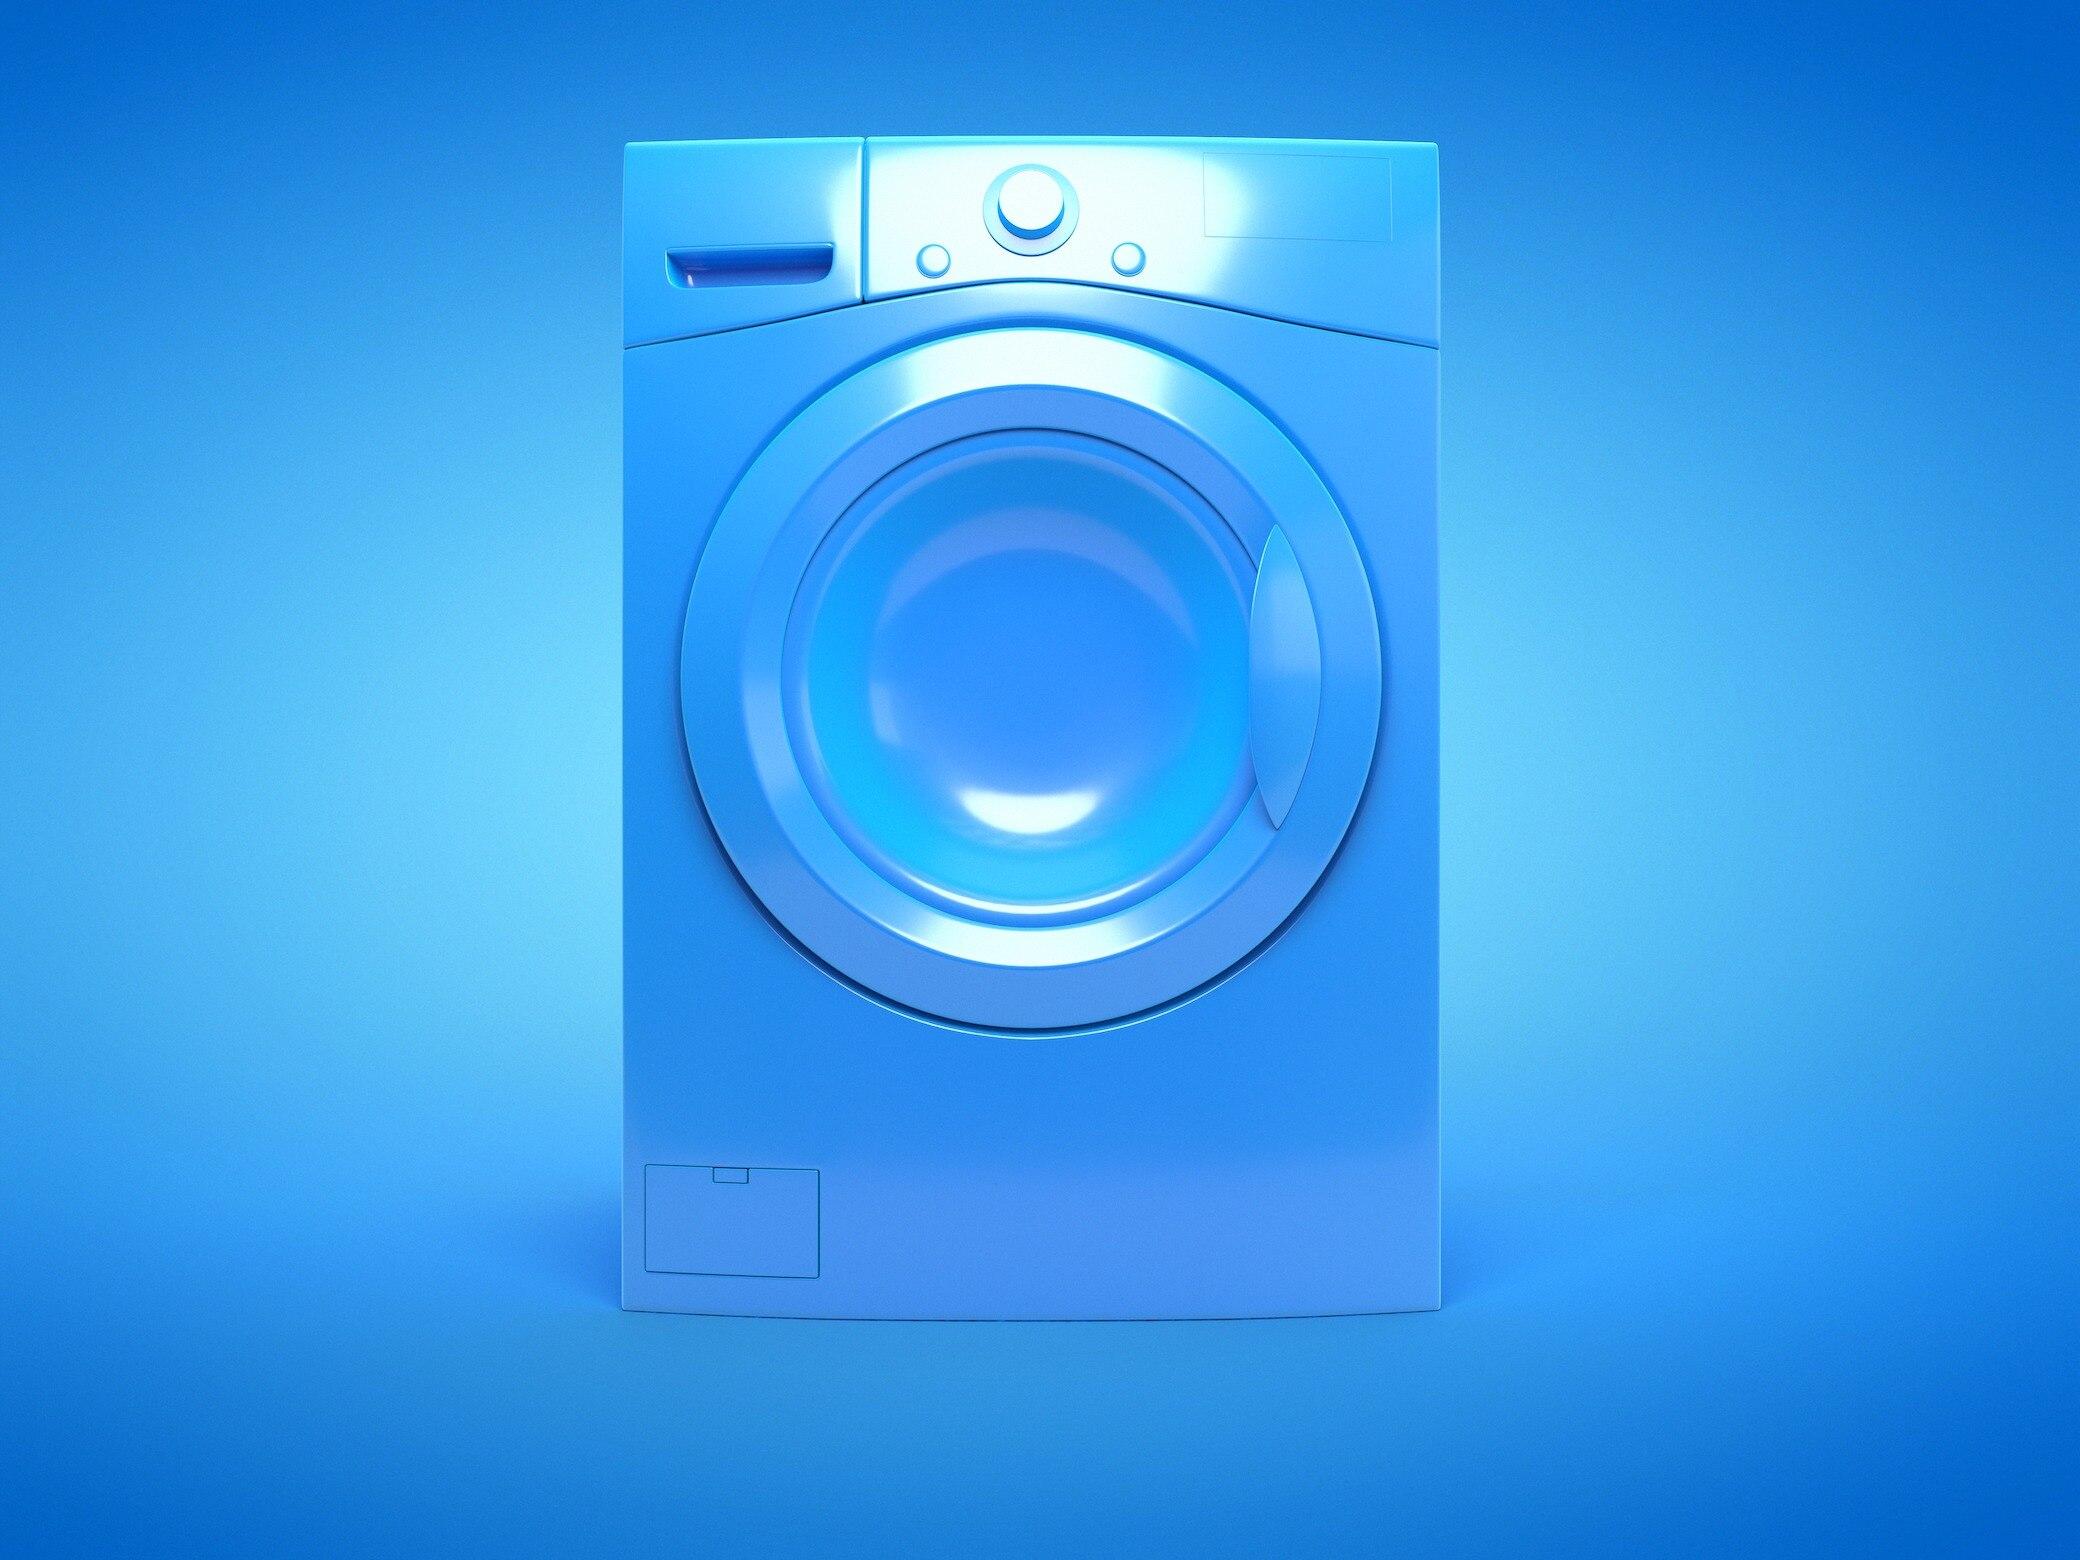 Kleidung bei mehr als 40 Grad zu waschen, ist meist unnötig